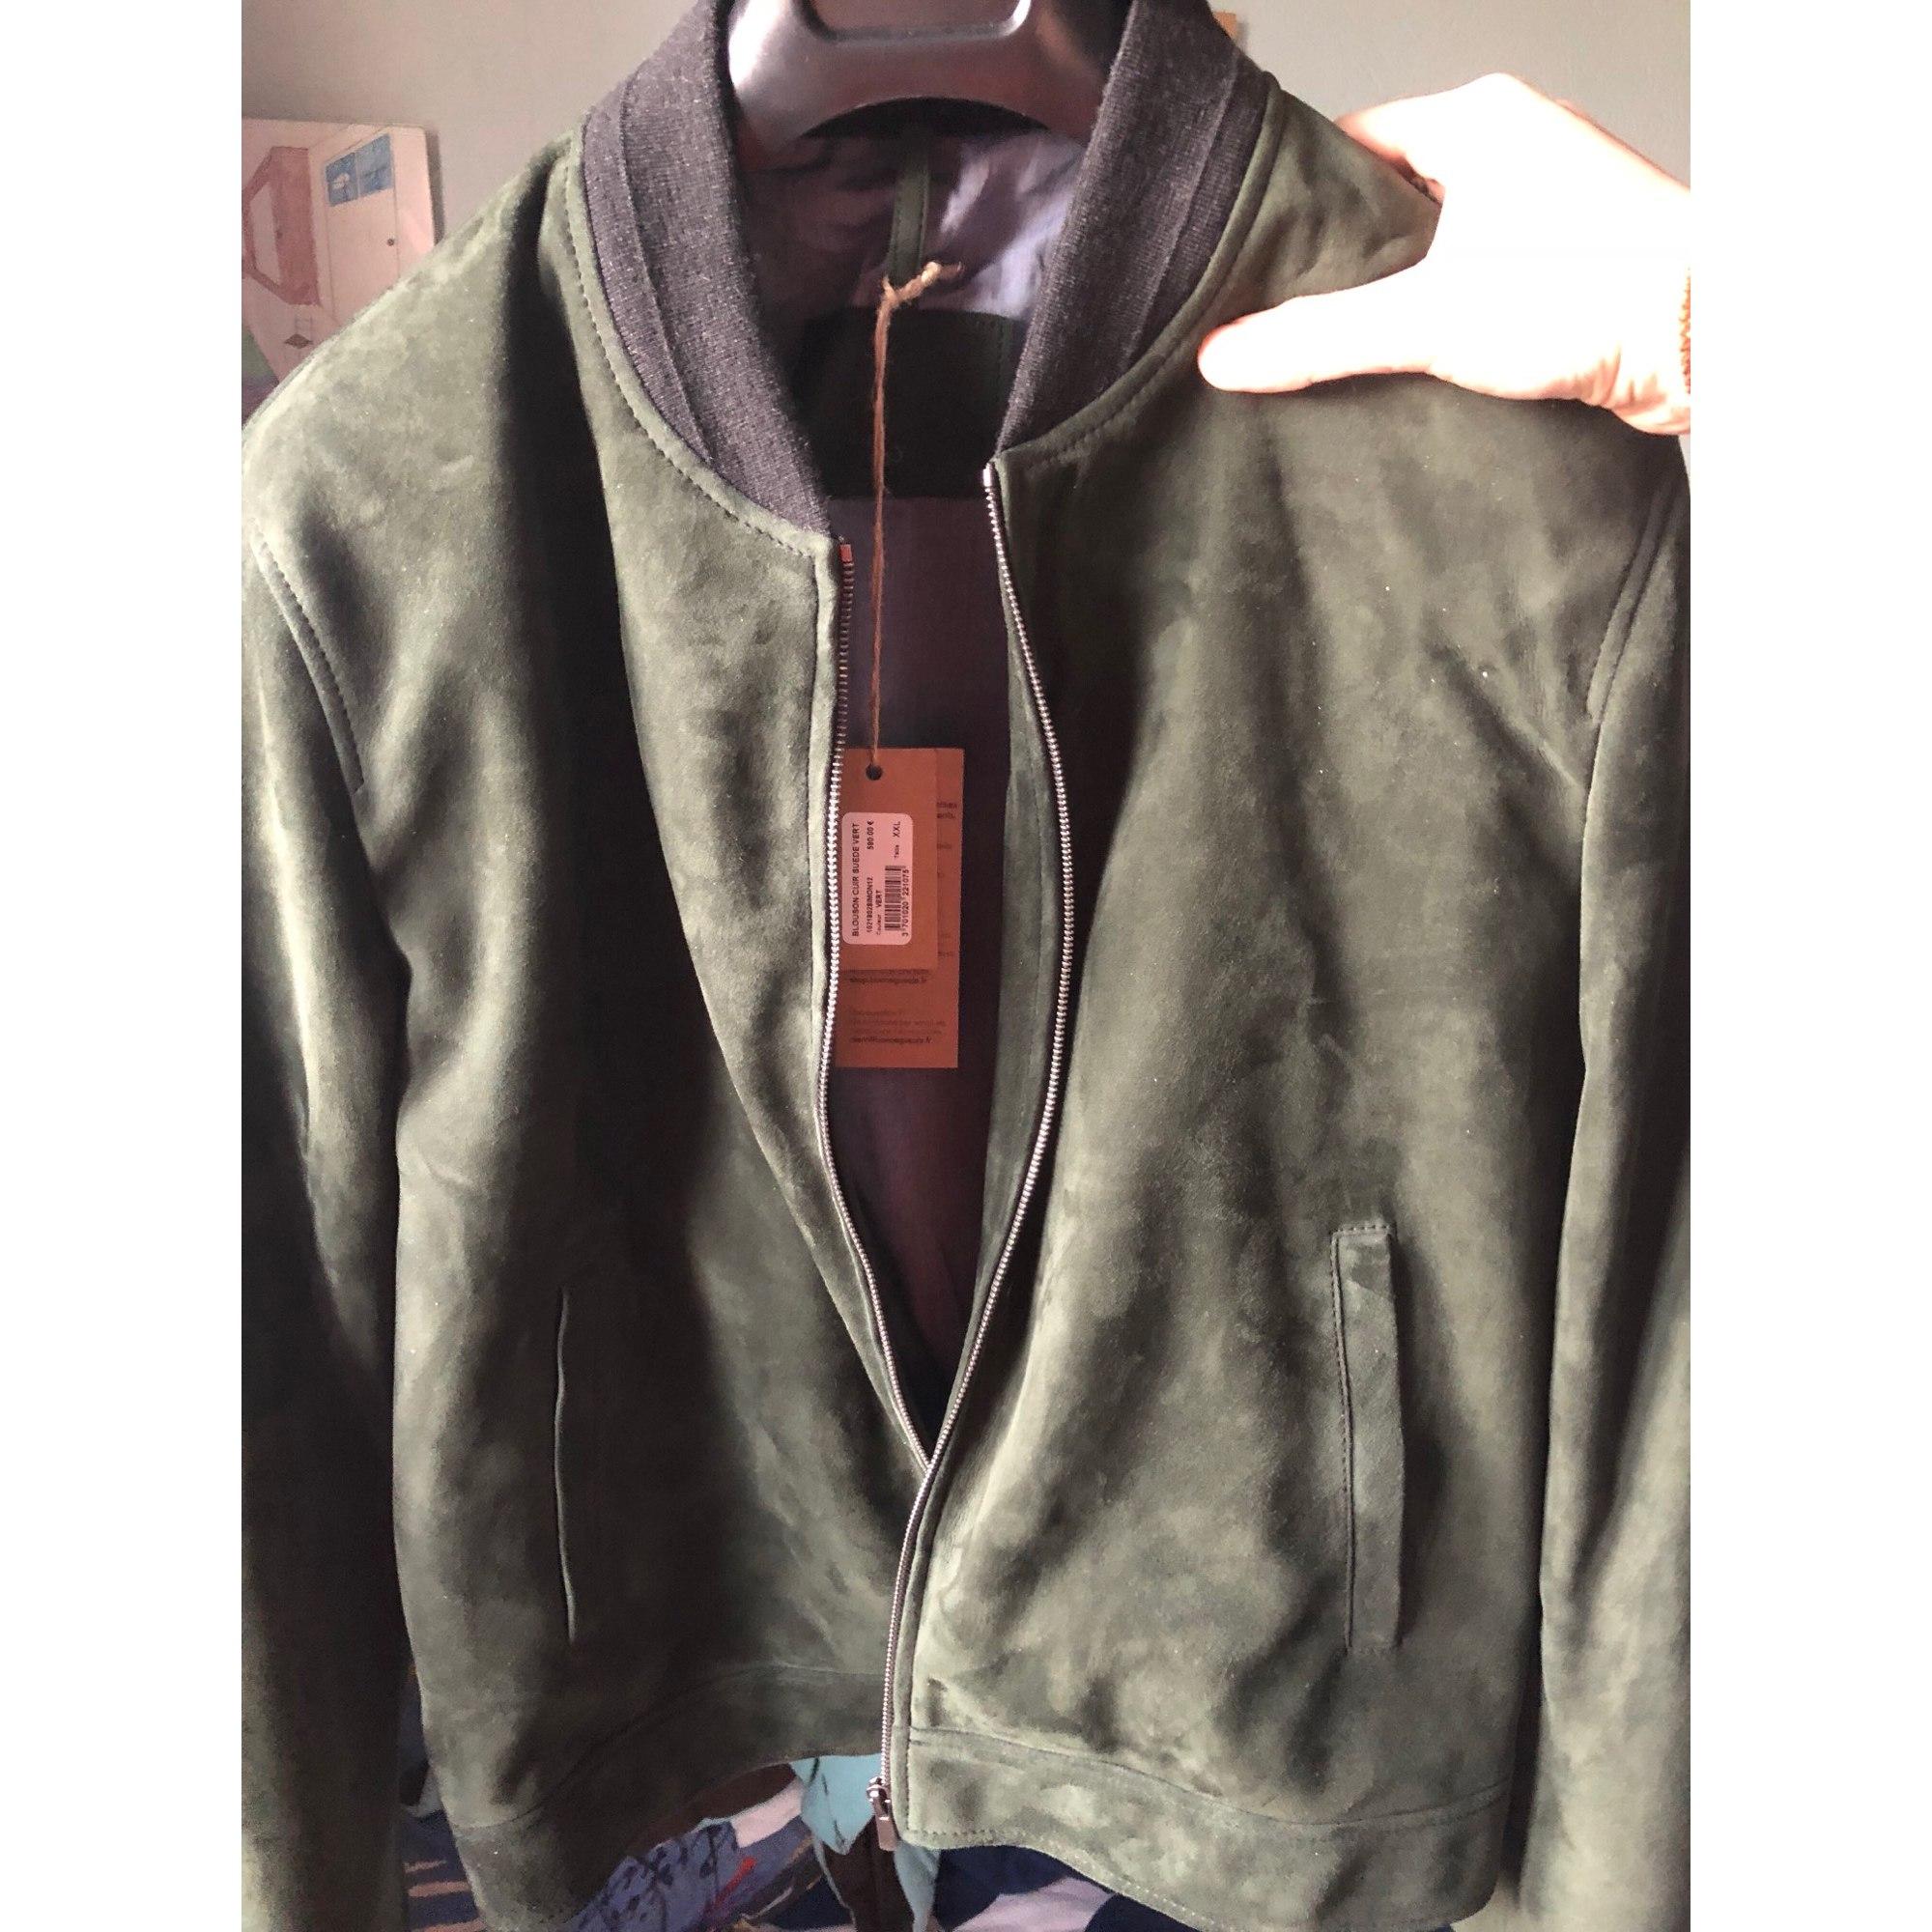 7dbd59ab37af Blouson en cuir BONNE GUEULE 60 (XXL) vert - 7508952